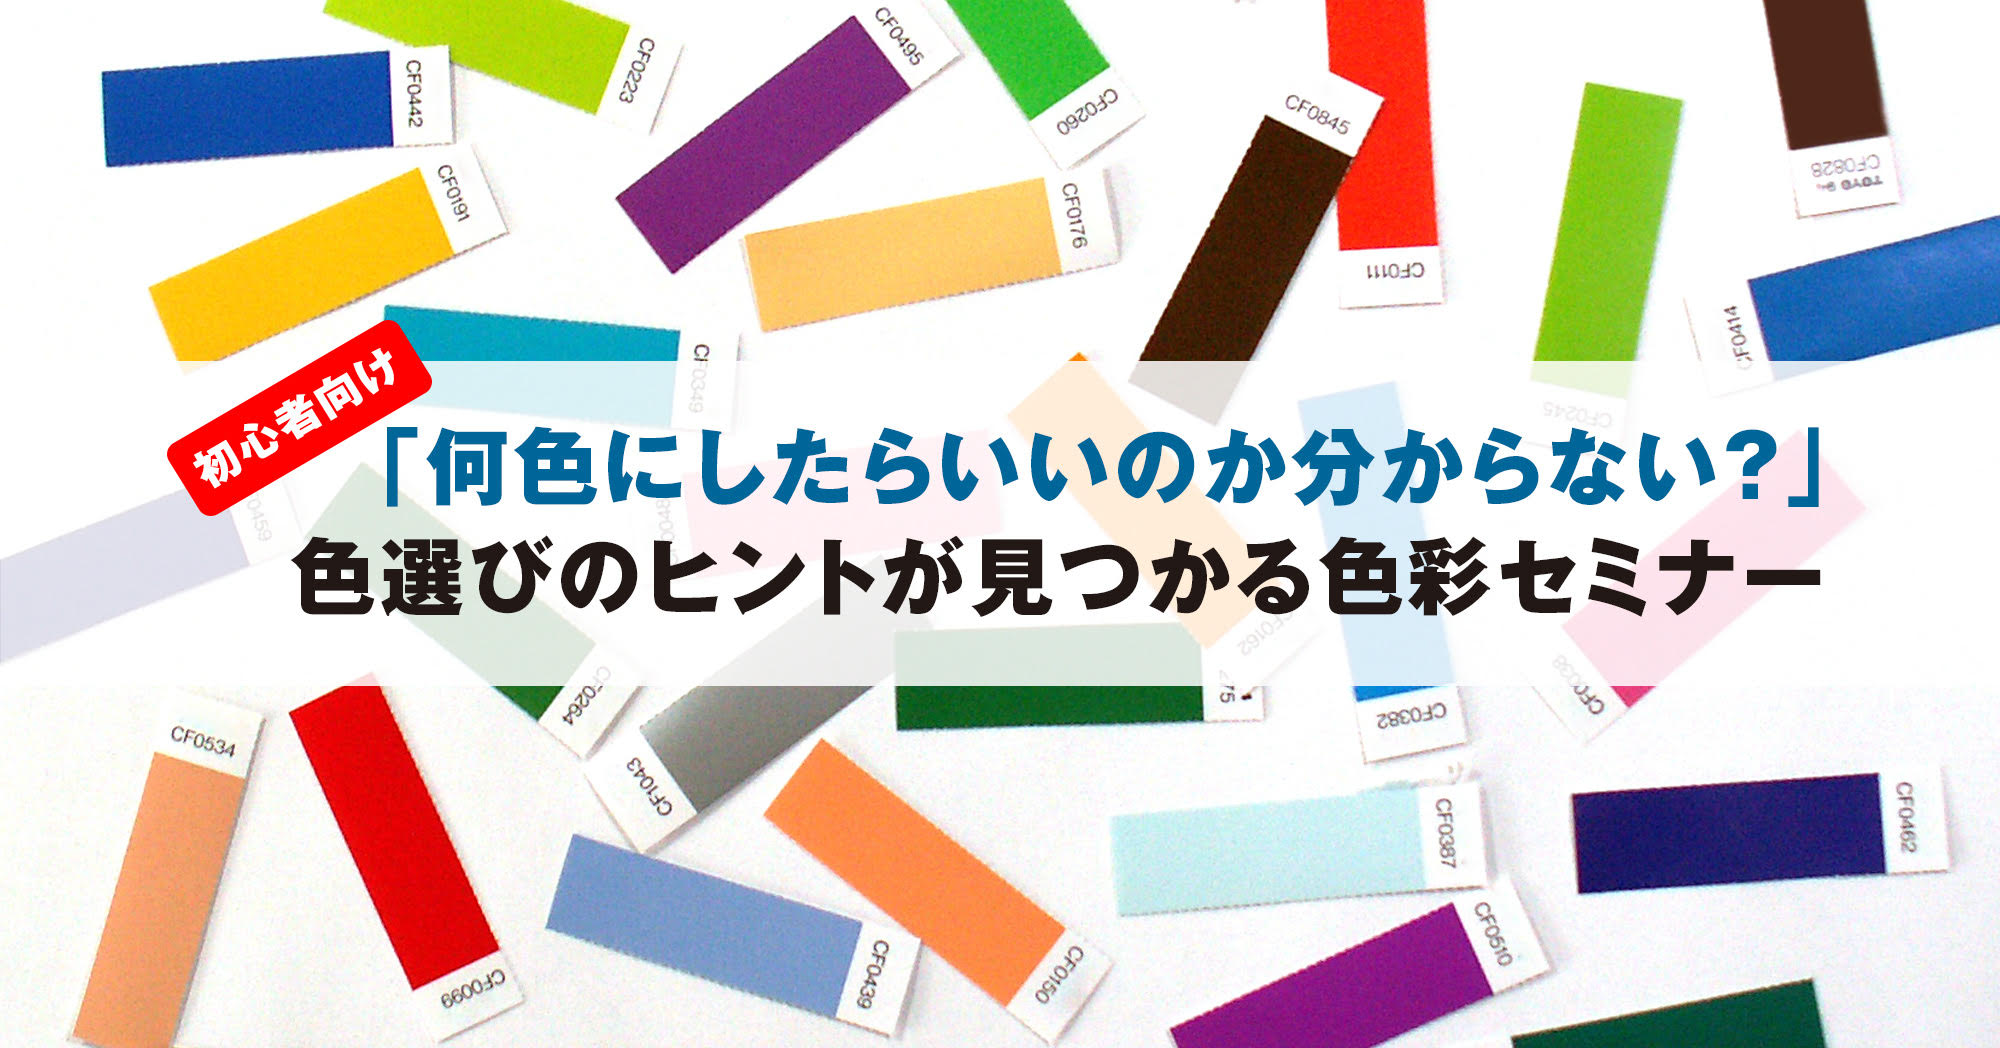 NPO法人やさしいデザイン主催「色選びのヒントが見つかる色彩セミナー(初心者向け)」